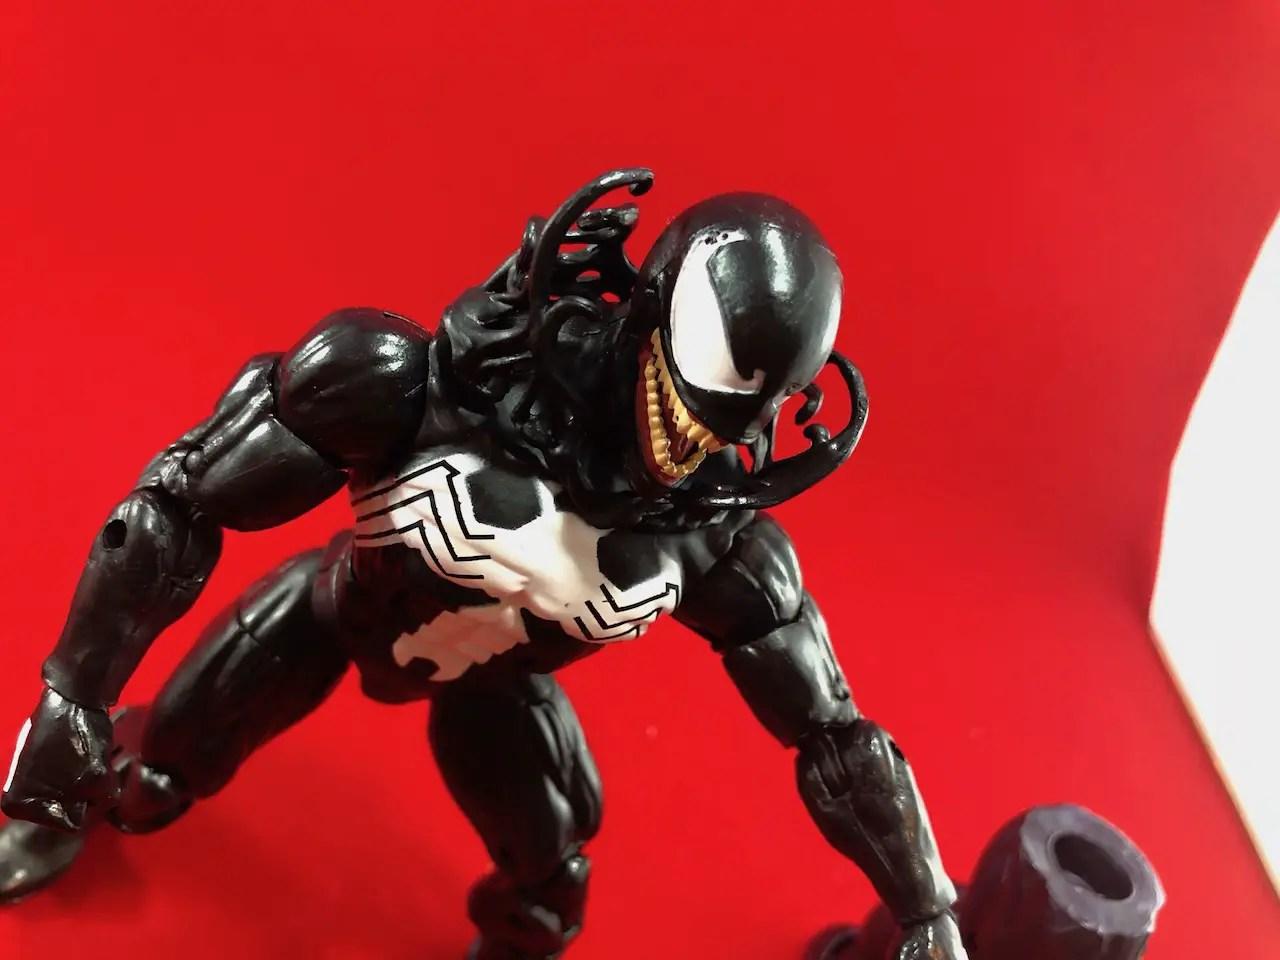 Marvel Legends Venom (Monster Venom wave) unboxing/review